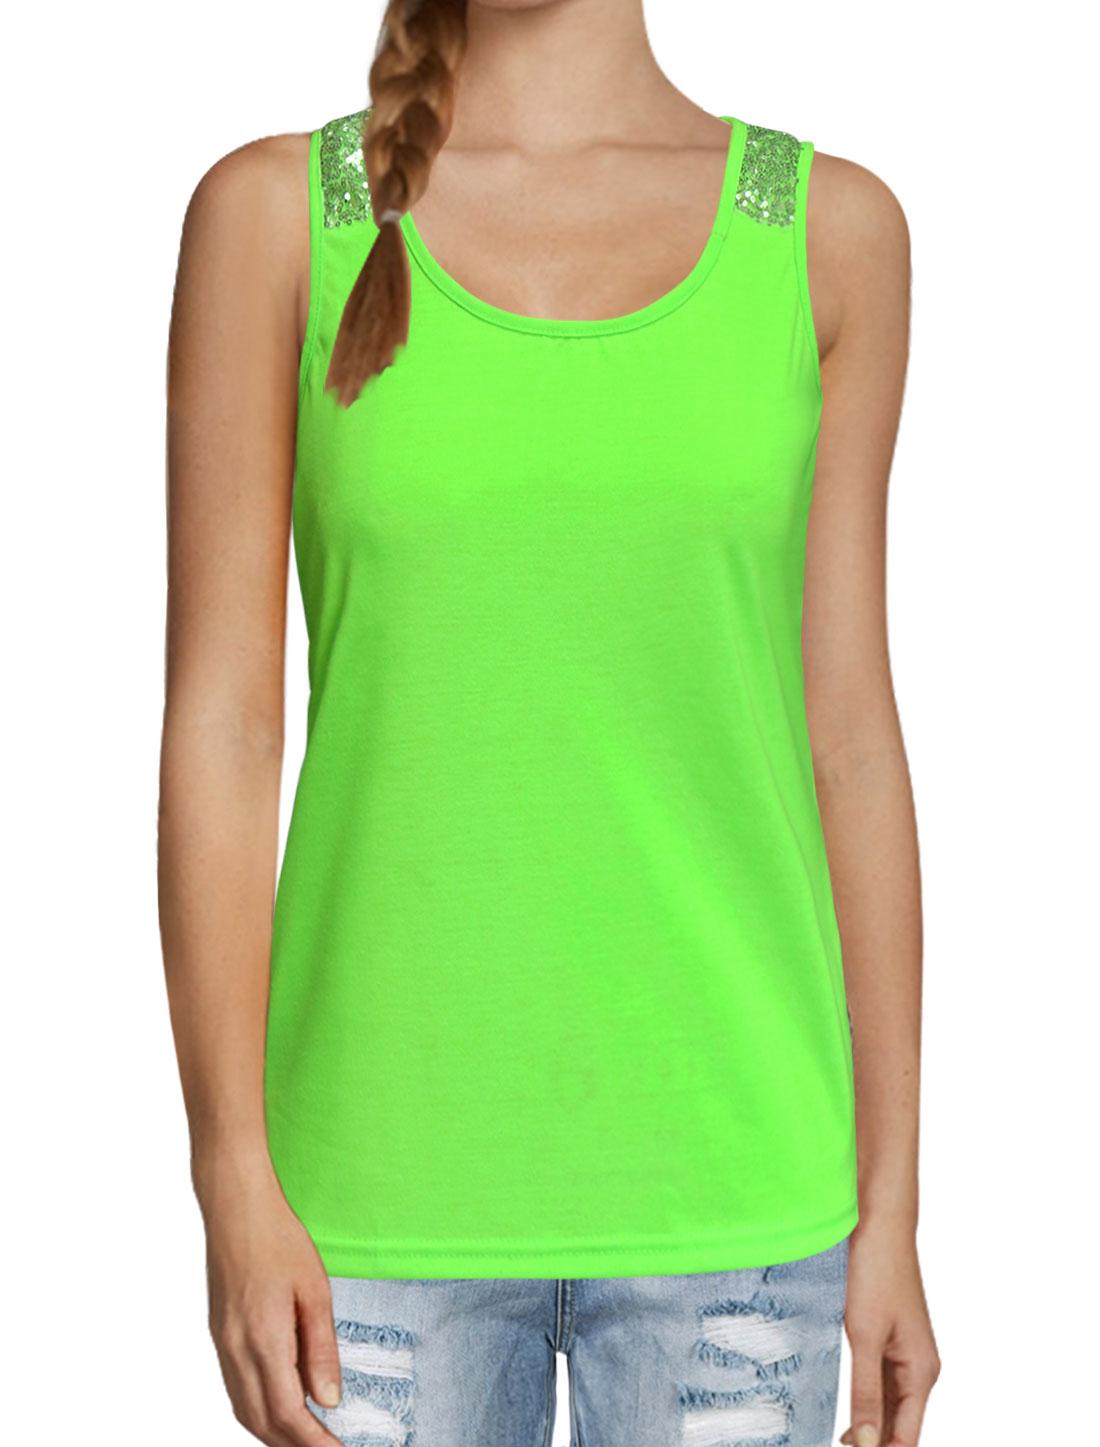 Women Scoop Neckline Sequin Embellished Tank Top Green M